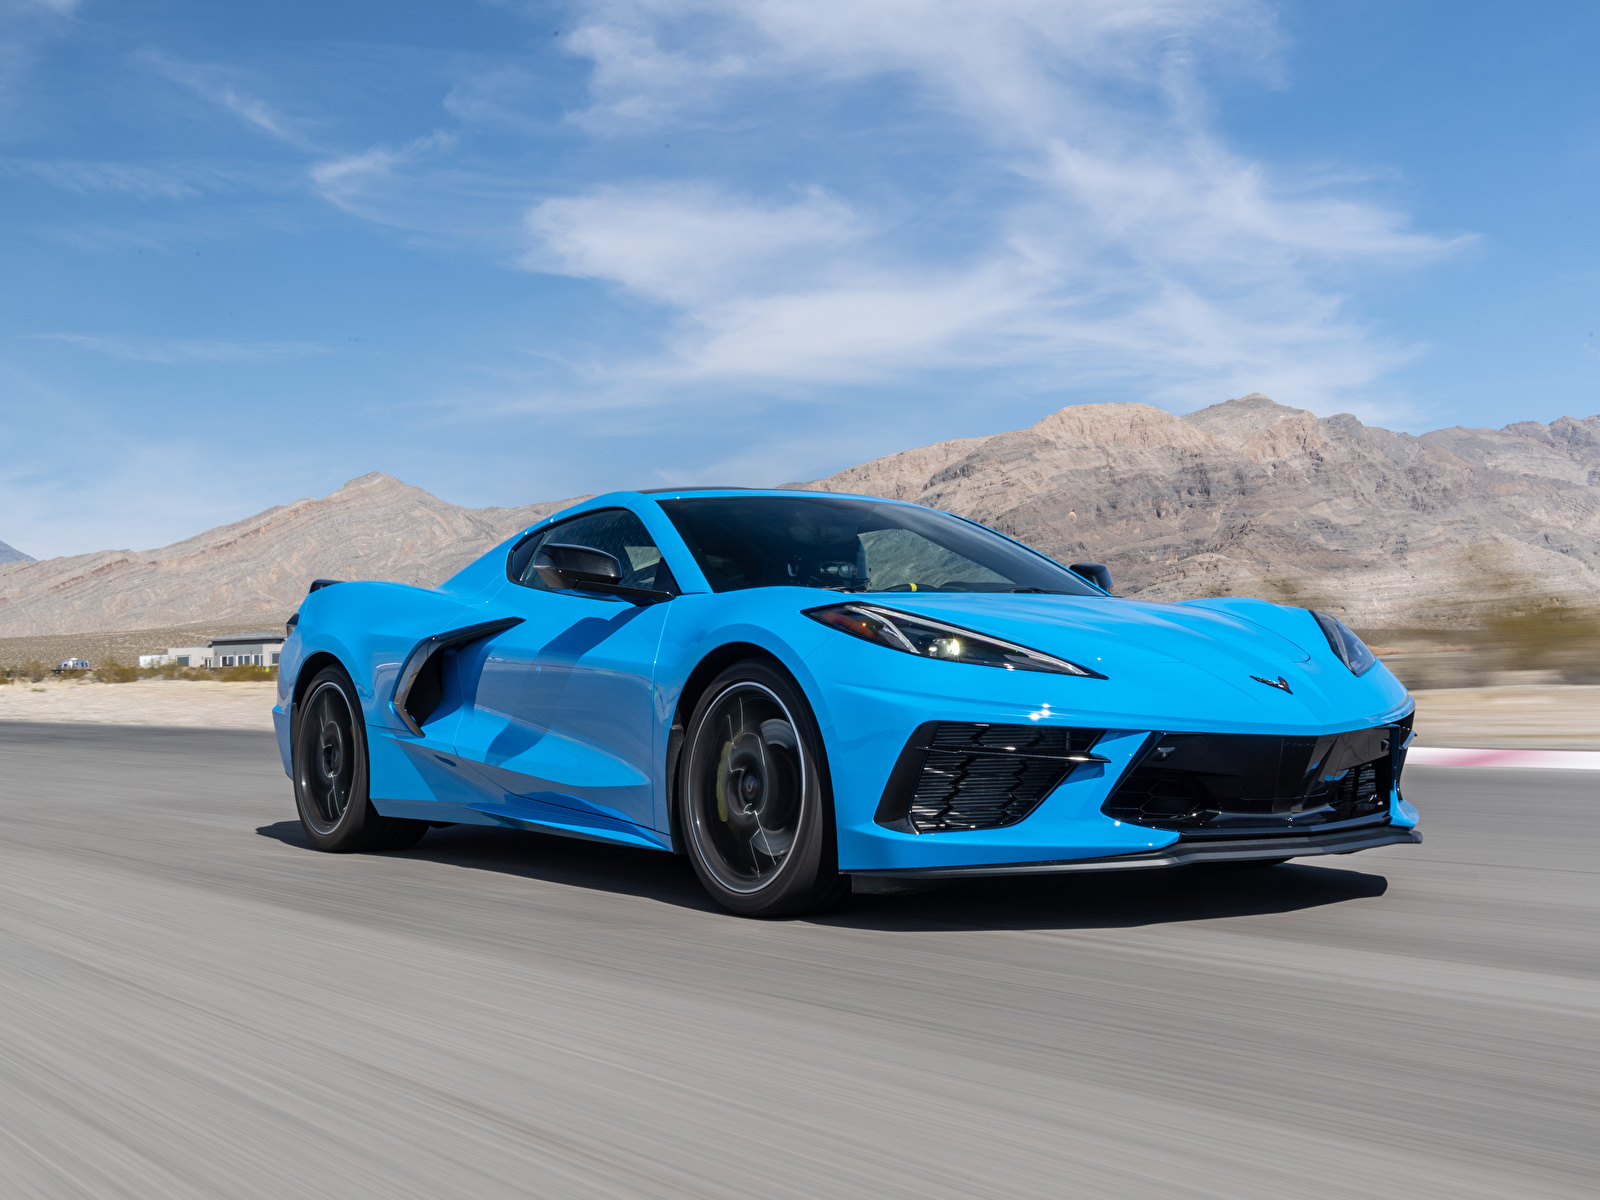 Картинки Chevrolet 2020 Corvette Stingray Z51 голубая едет авто 1600x1200 Шевроле Голубой голубые голубых едущий едущая скорость Движение машина машины Автомобили автомобиль